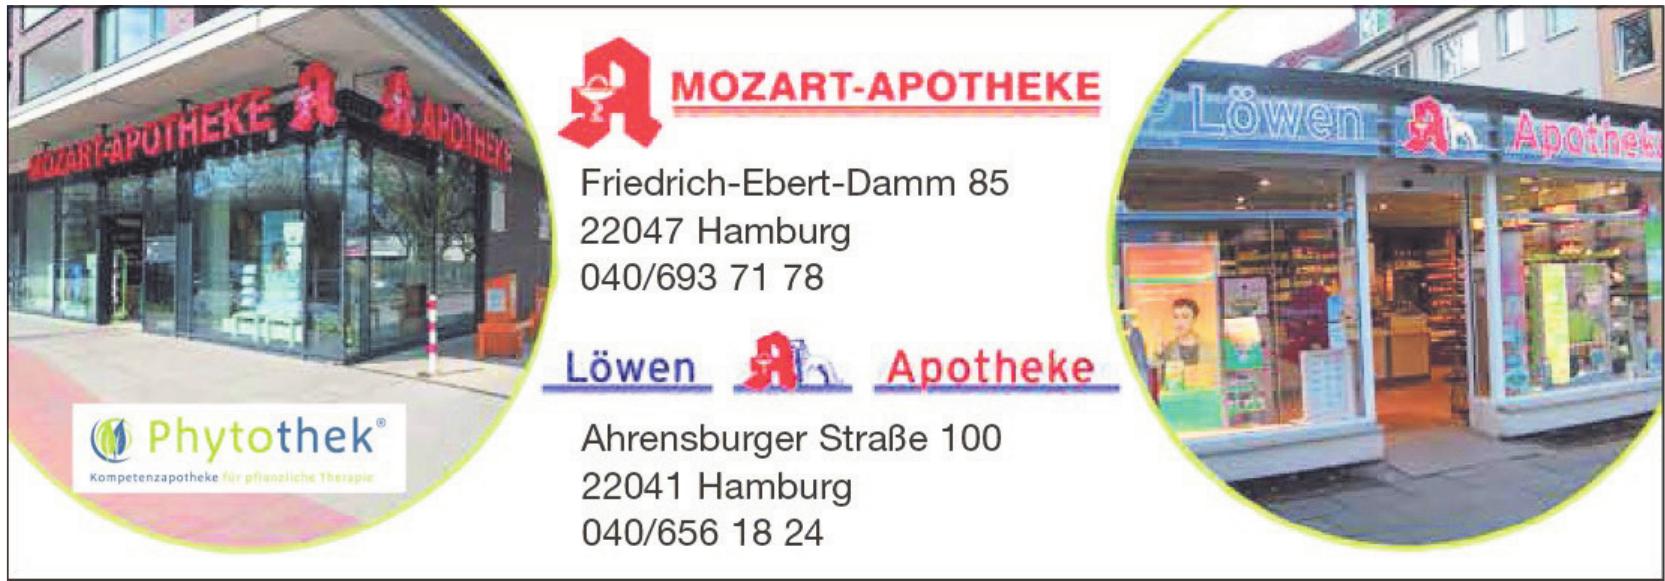 Mozart-Apotheke